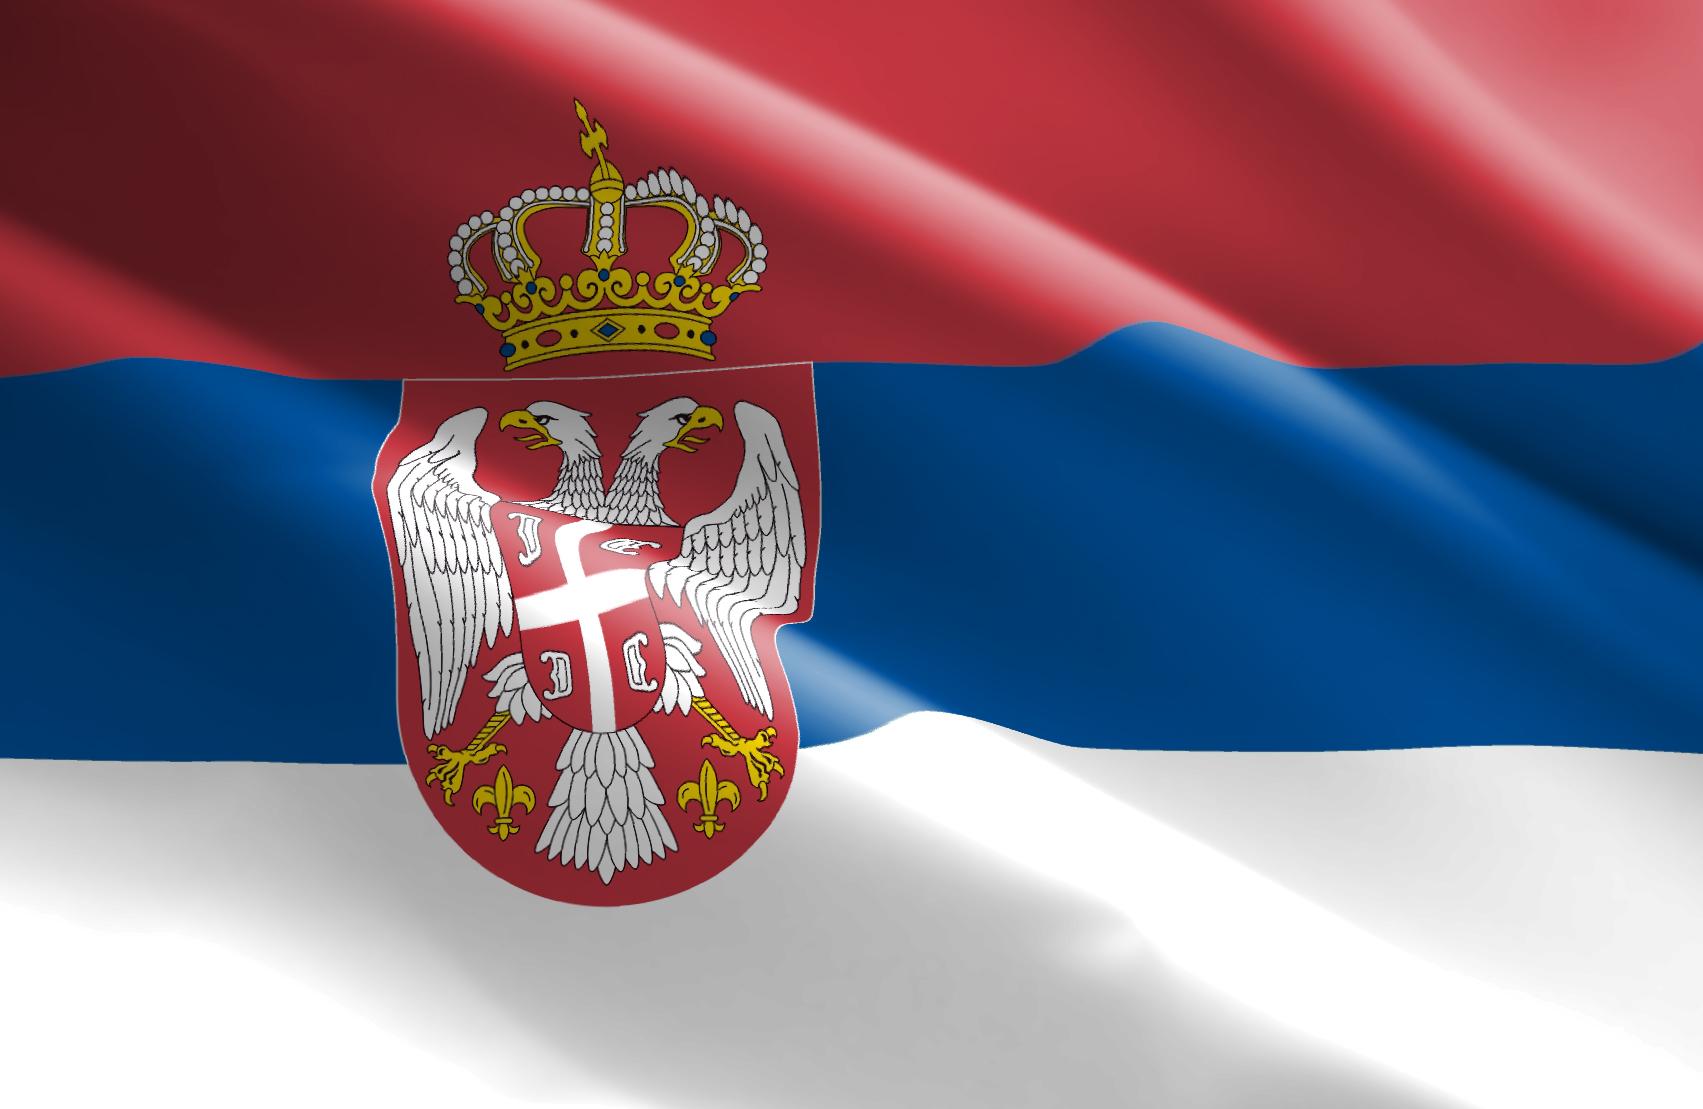 Европарламент: страны Западных Балкан не смогут вступить в ЕС одновременно